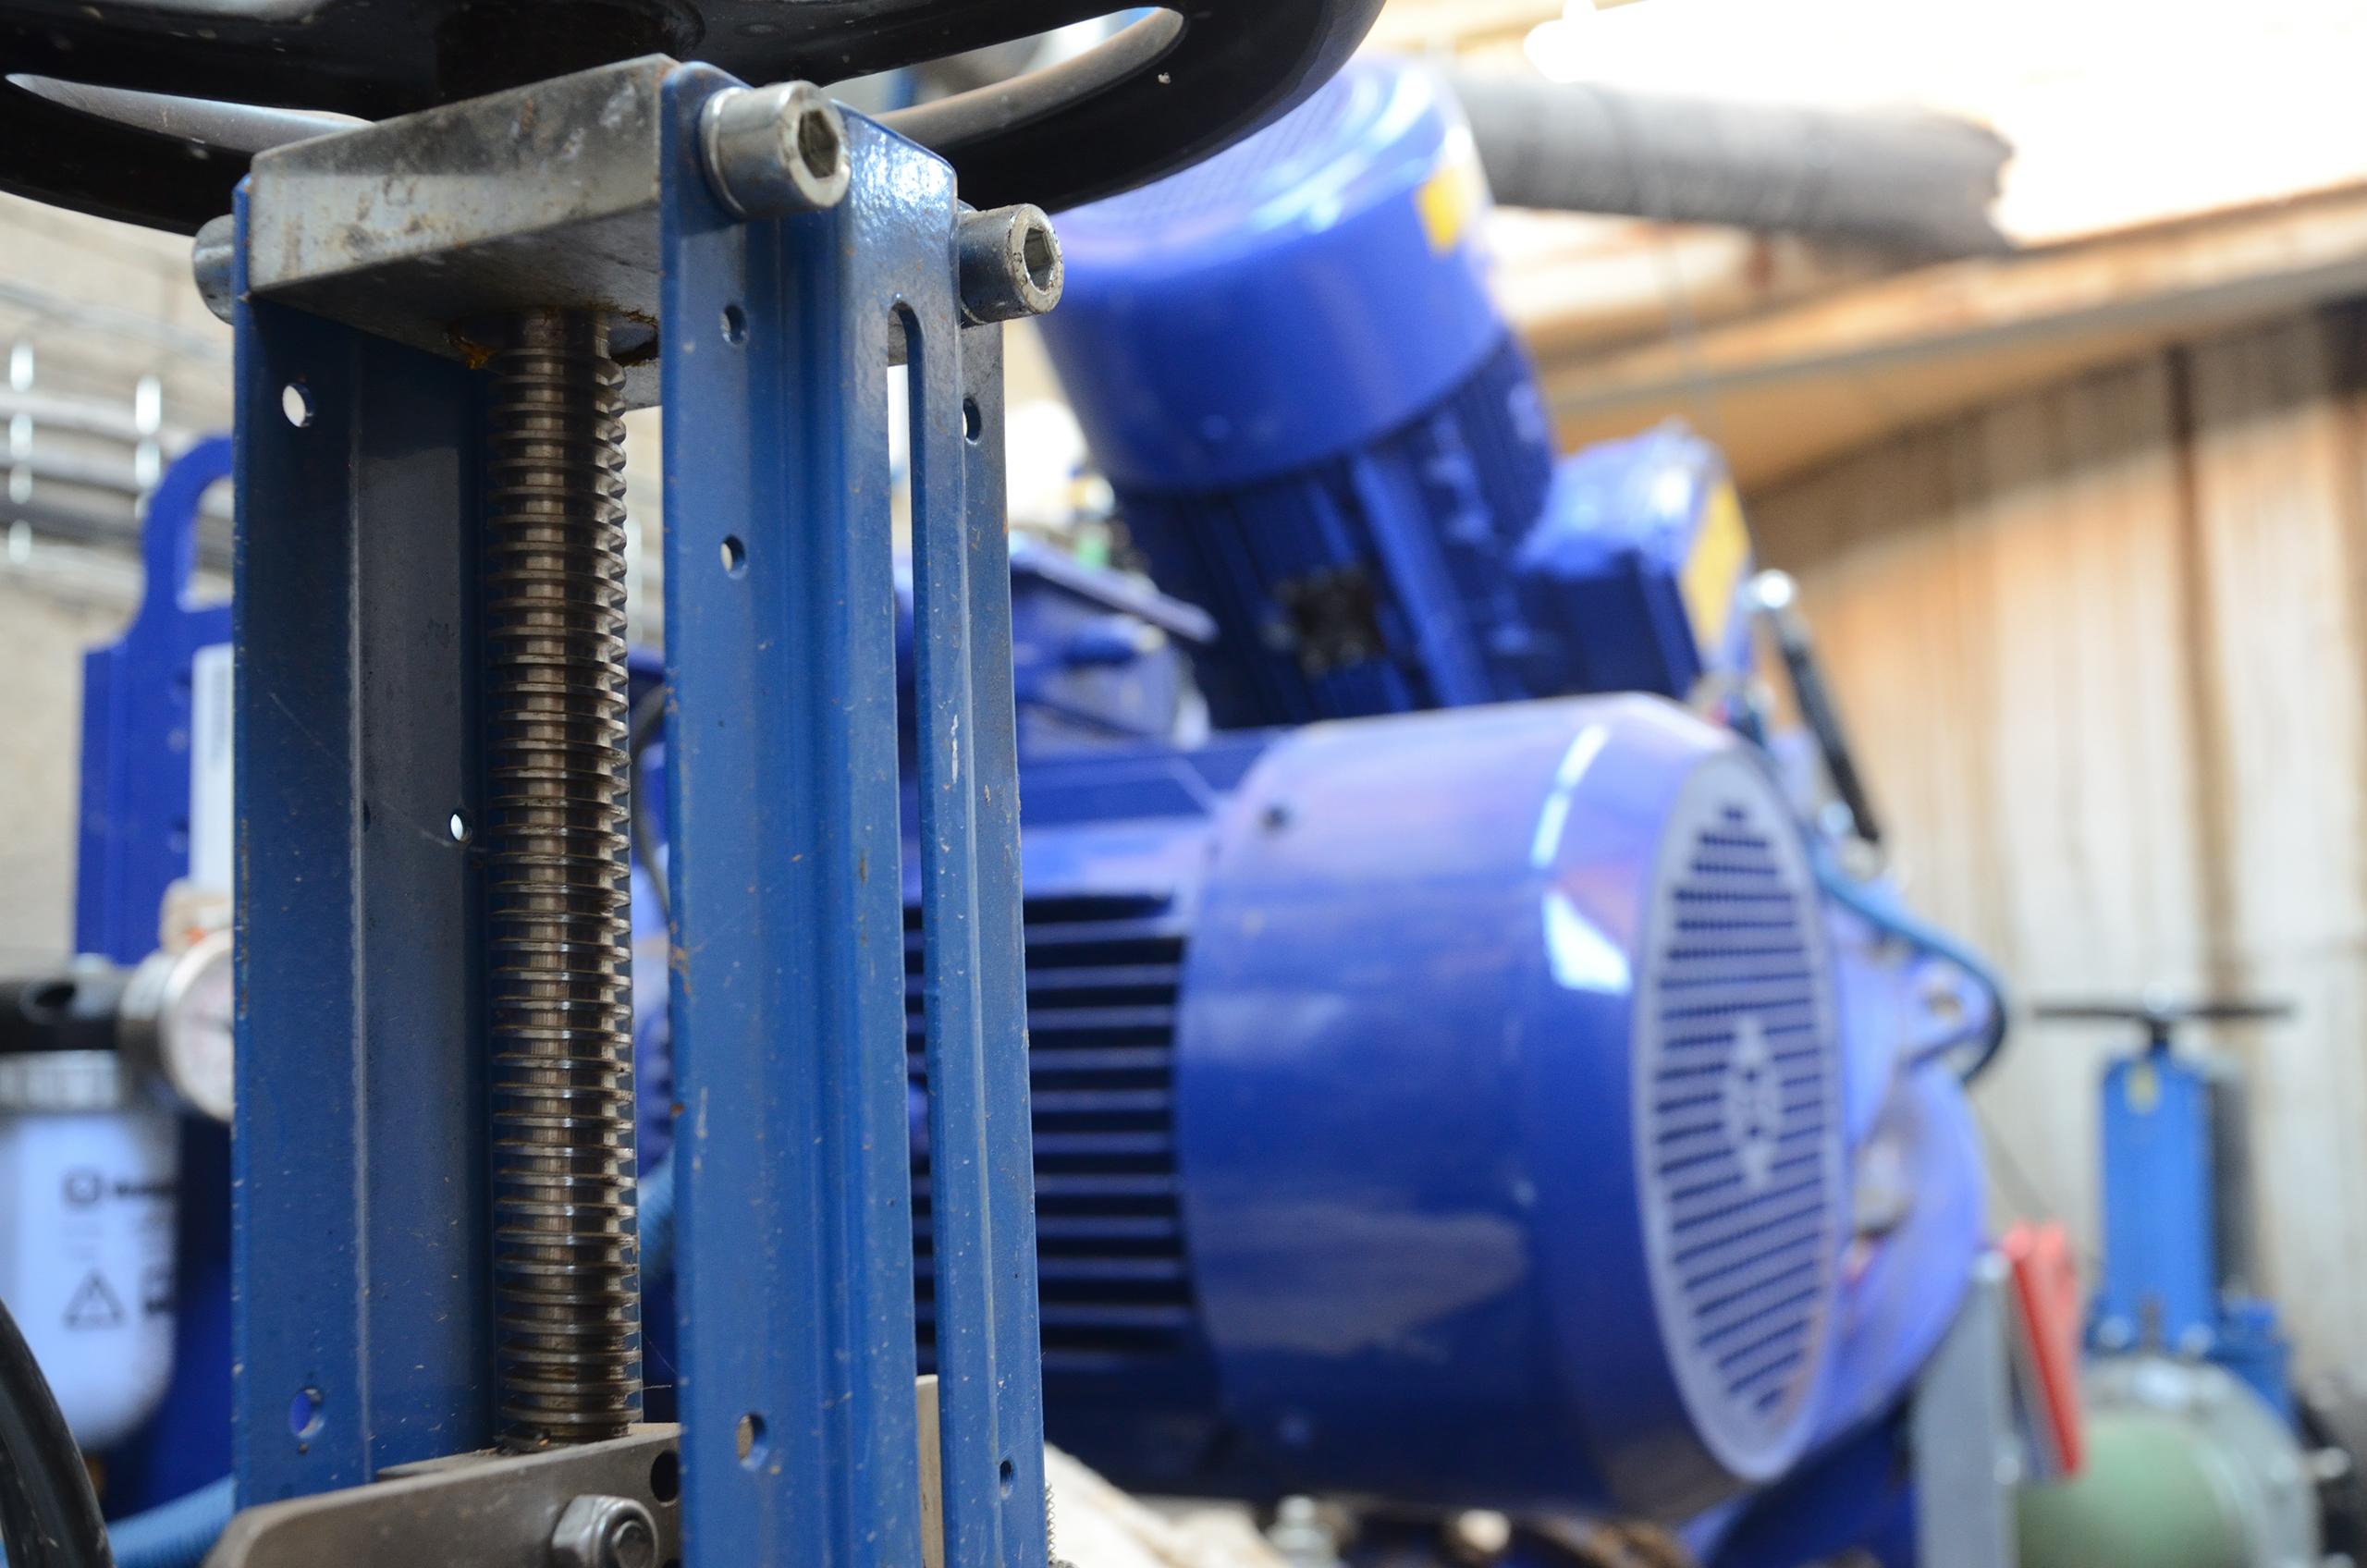 Image des moteurs, vis sans fin, agitateur dans une cuve de Méthanisation installée Valpronat